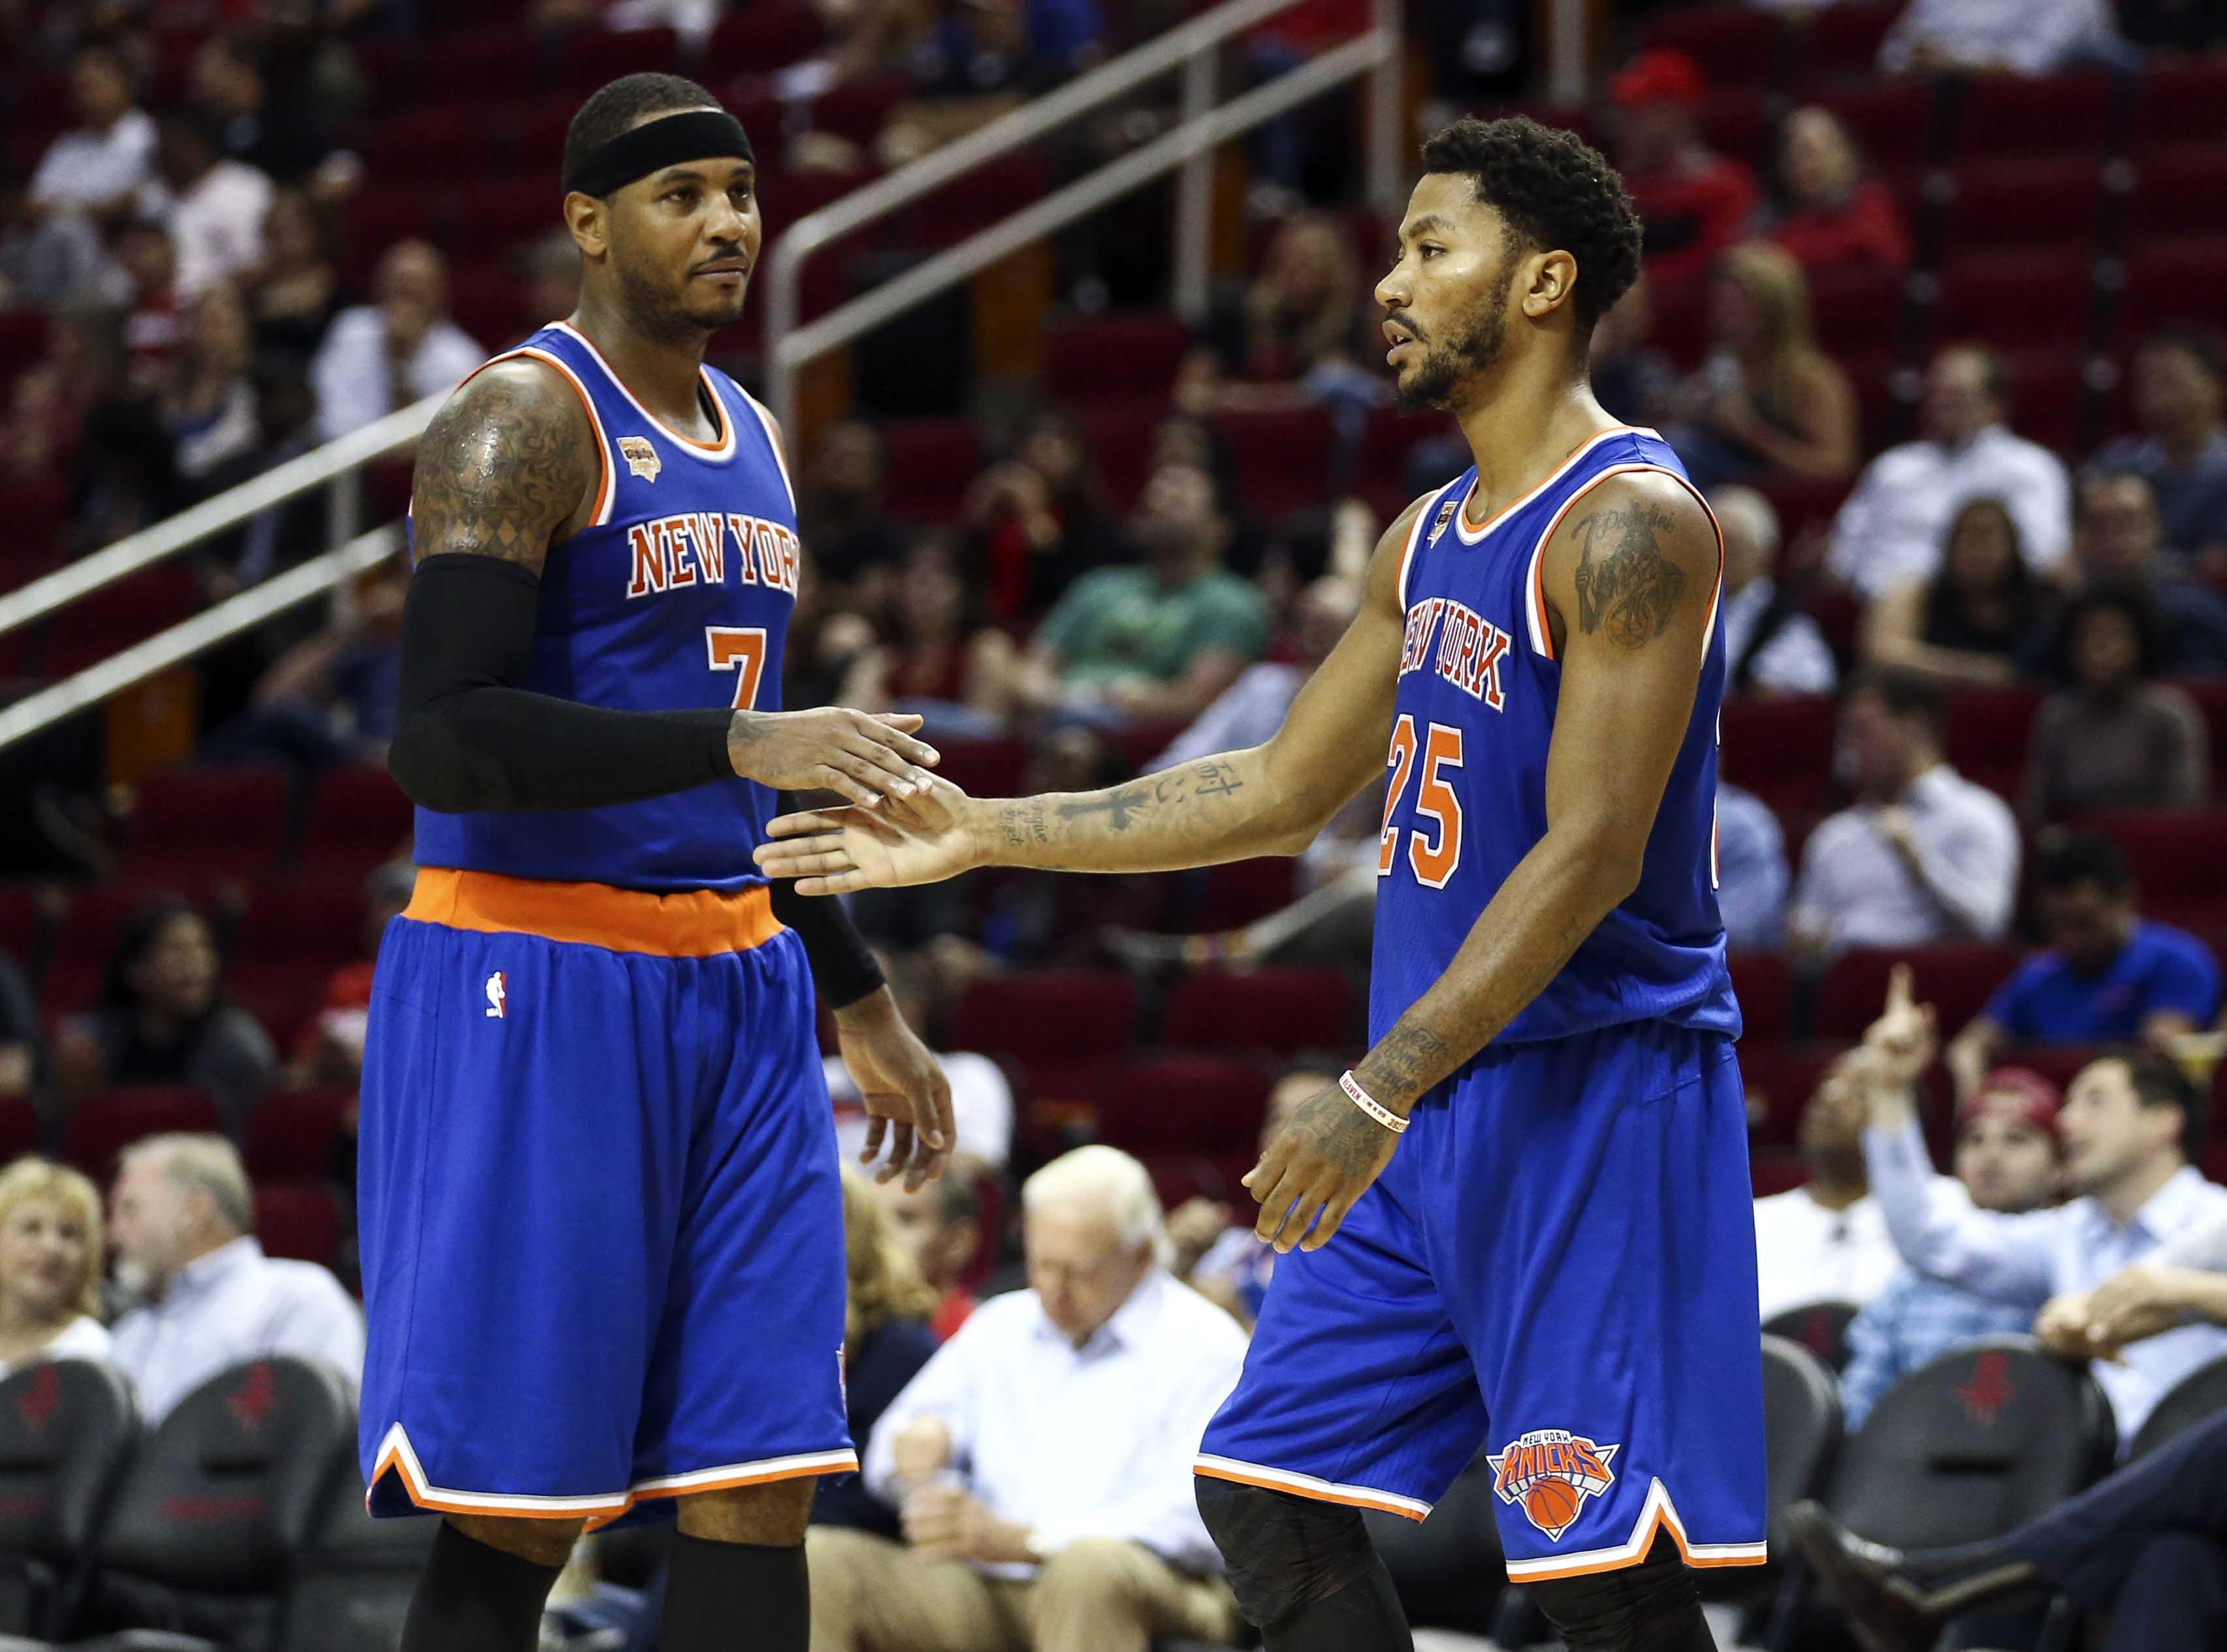 fccf4e297af Elite Sports NY s 2016-17 New York Knicks Season Preview